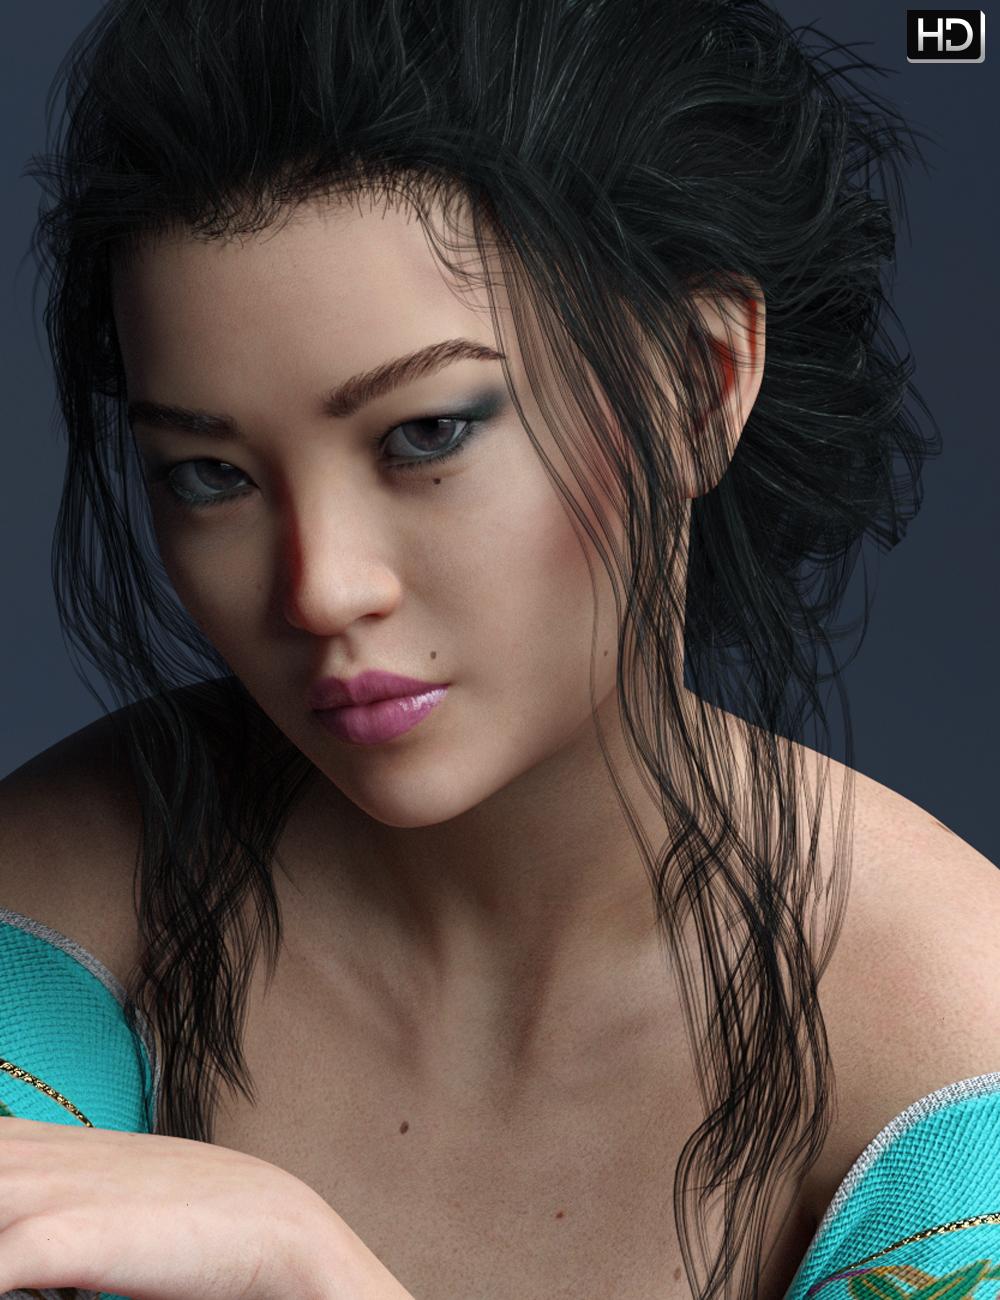 Emiyo HD for Mei Lin 8 by: EmrysFred Winkler Art, 3D Models by Daz 3D